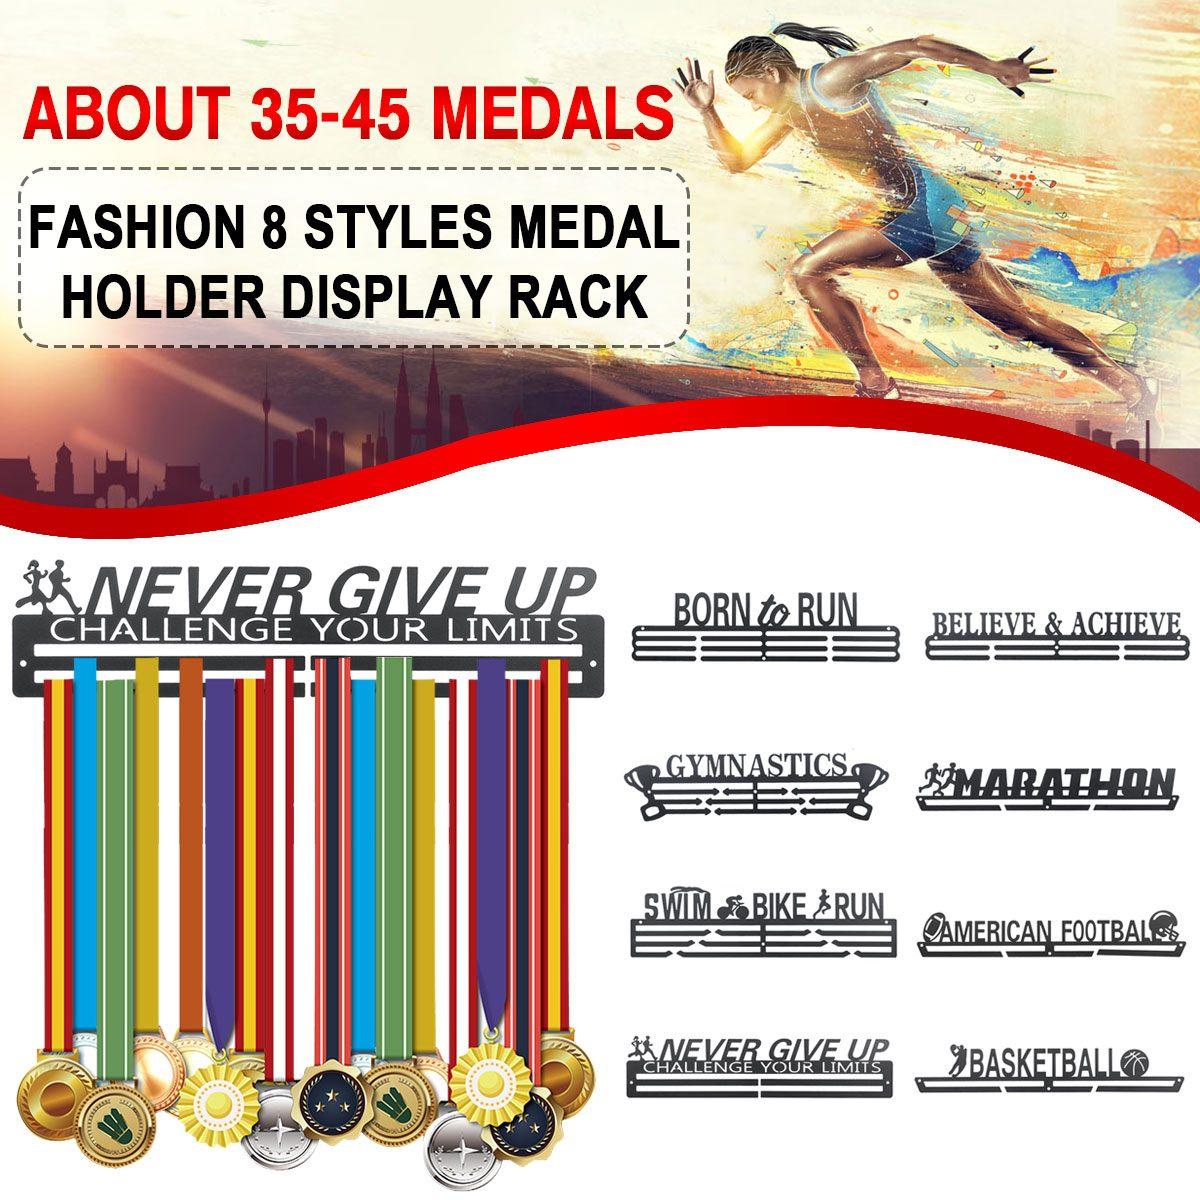 Вдохновляющая металлическая вешалка для медалей, держатель для спортивных медалей, стойка для демонстрации, 36 медалей